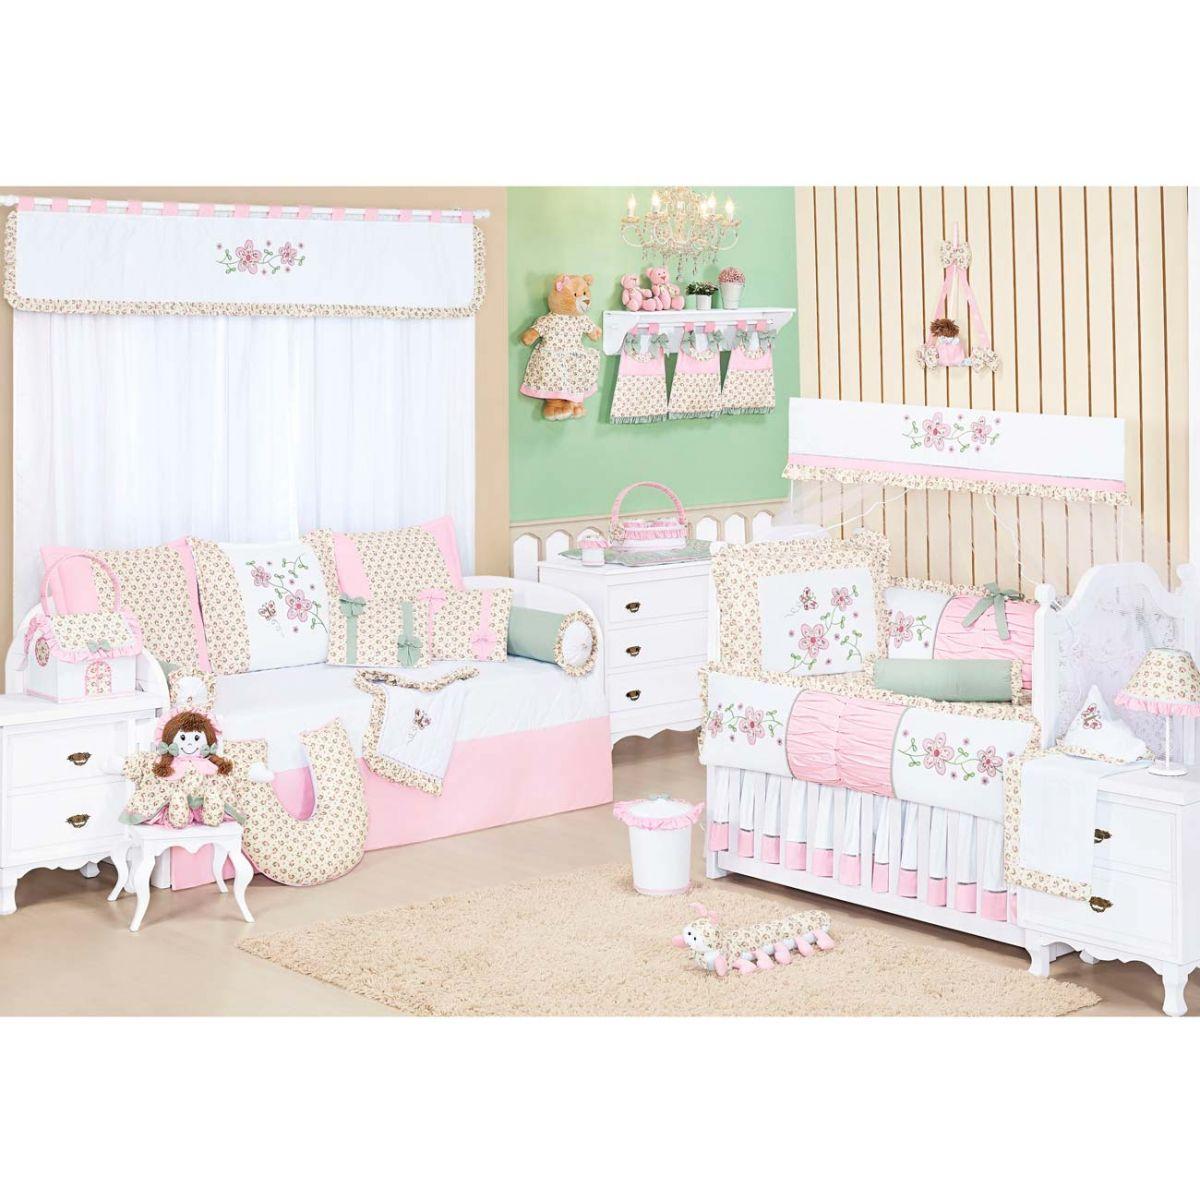 Apoio para Amamentar Bebê Coleção Baby Florence - Rosa